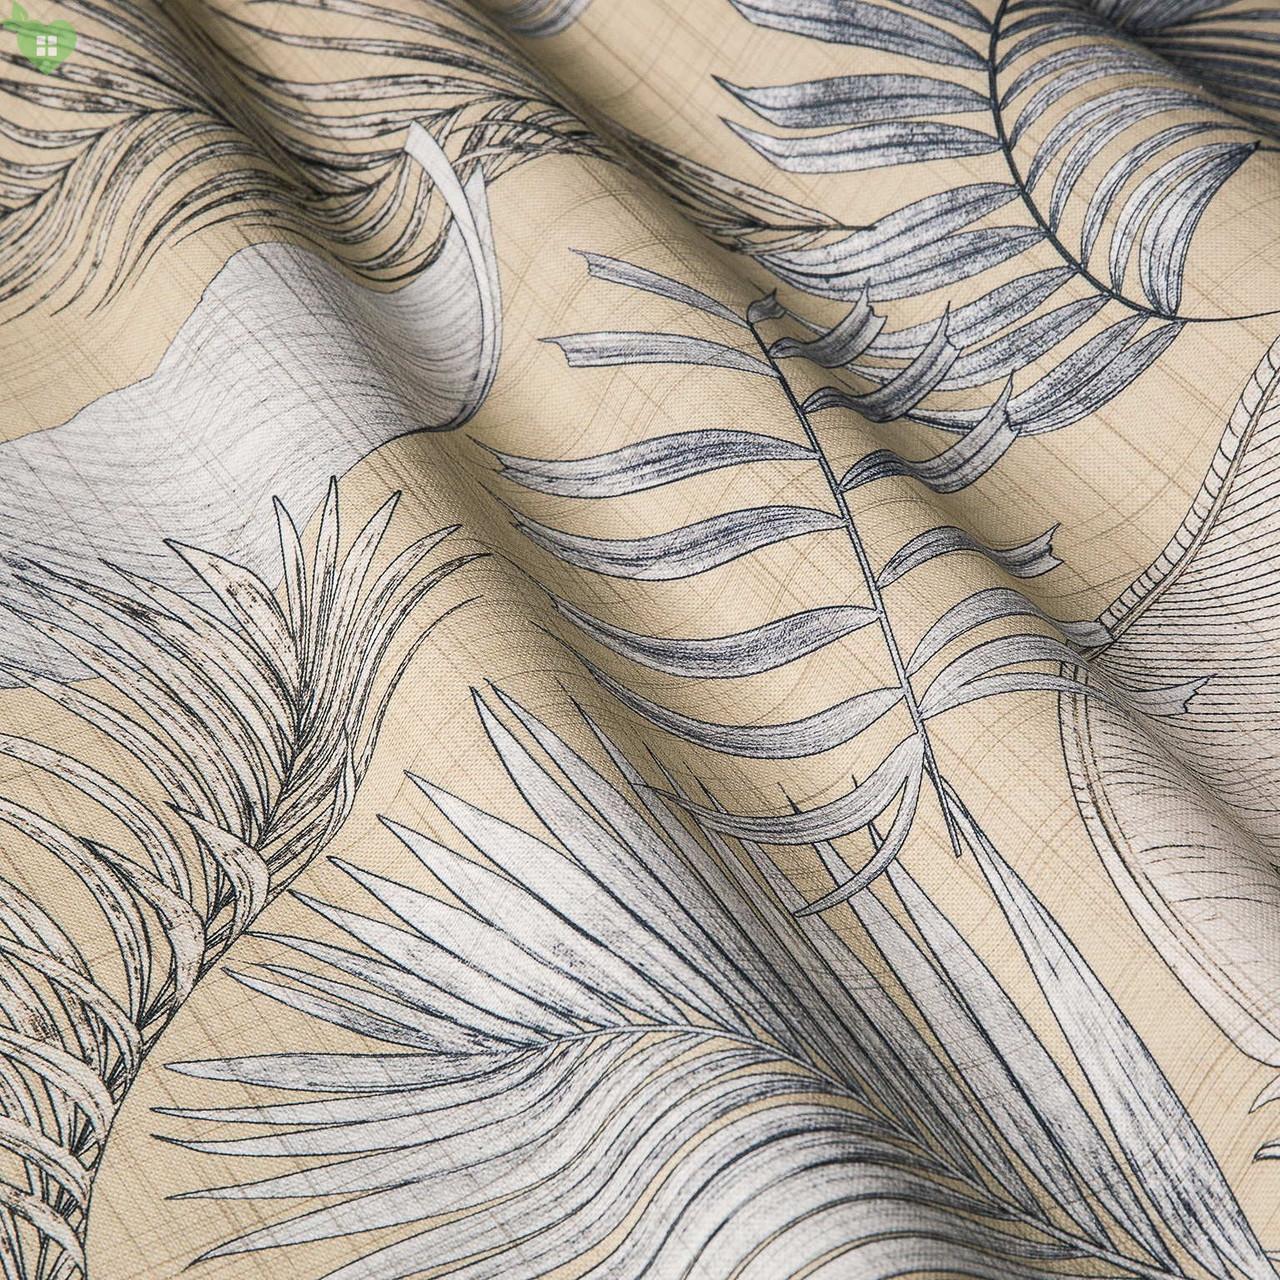 Декоративная ткань с тропическими растениями серого цвета на желто-бежевом Испания 83429v1